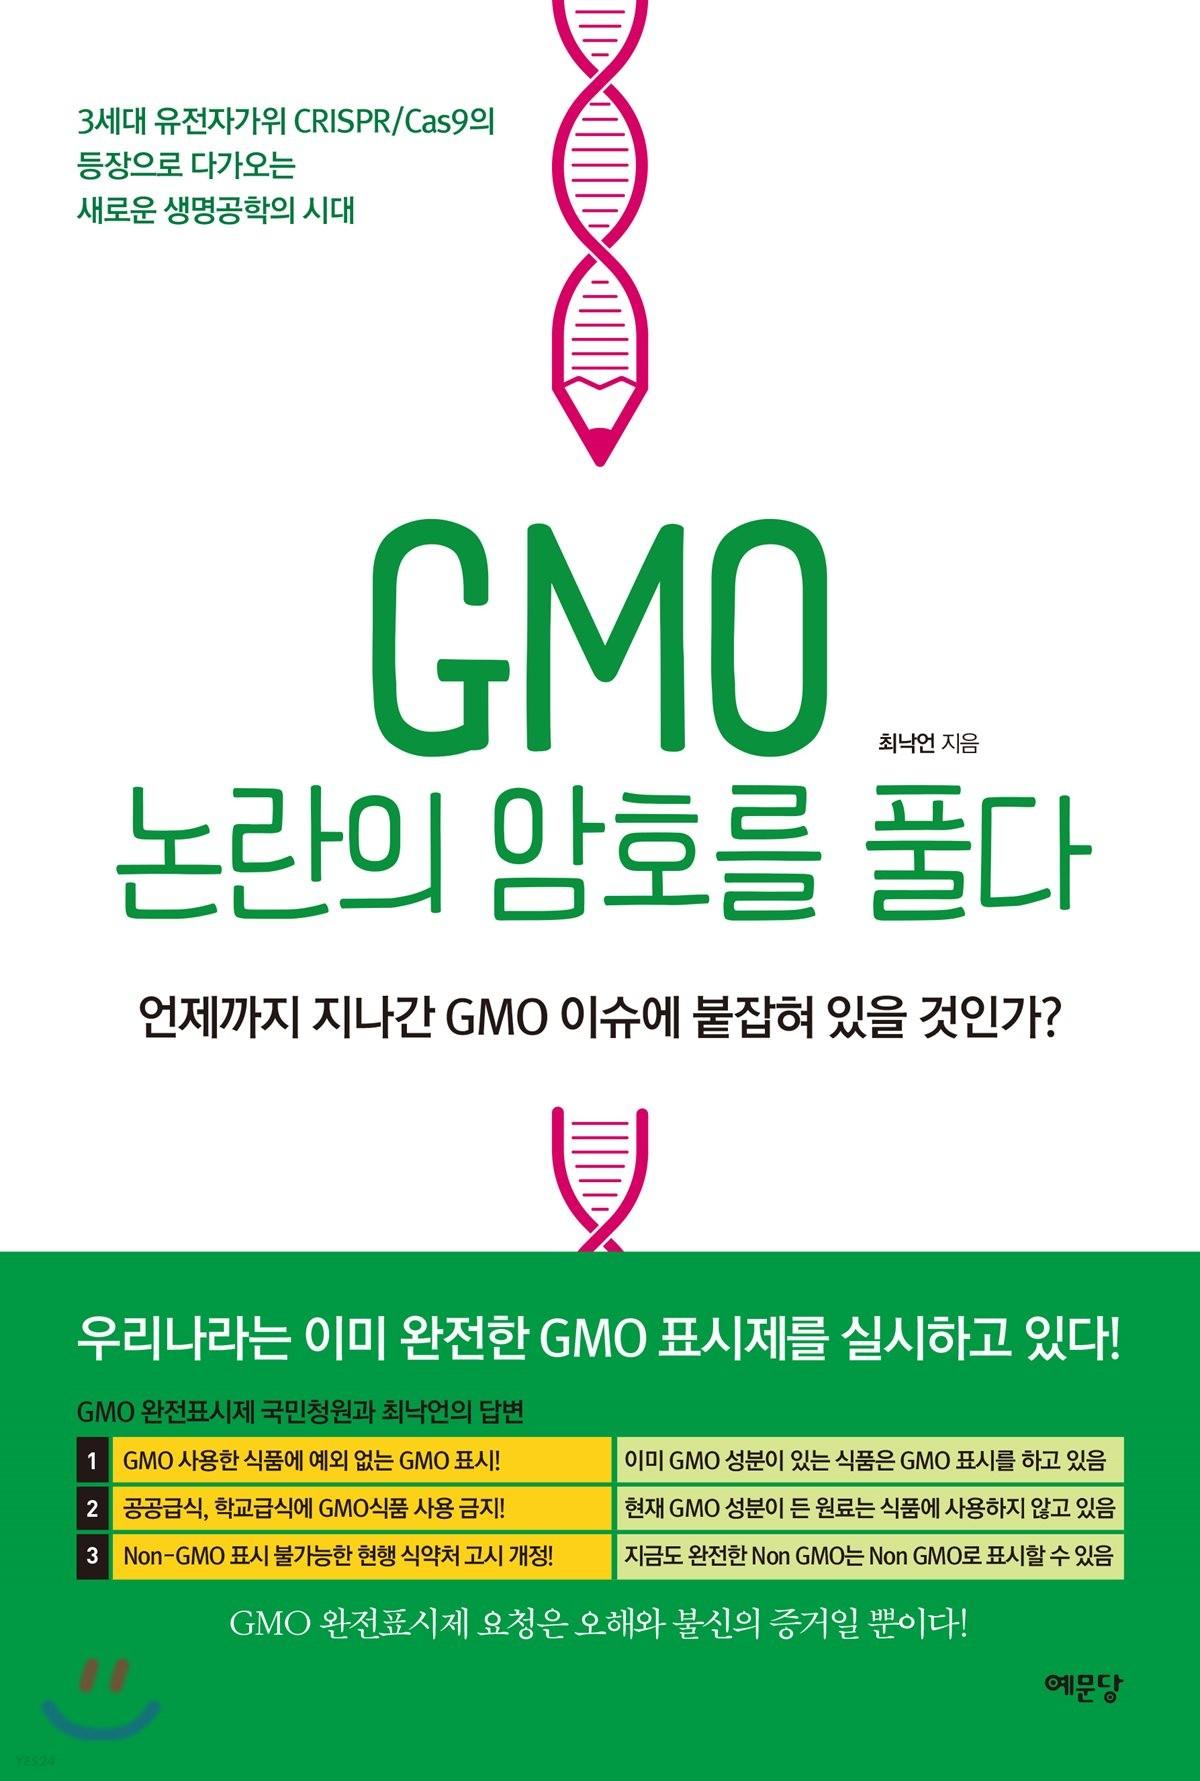 GMO 논란의 암호를 풀다